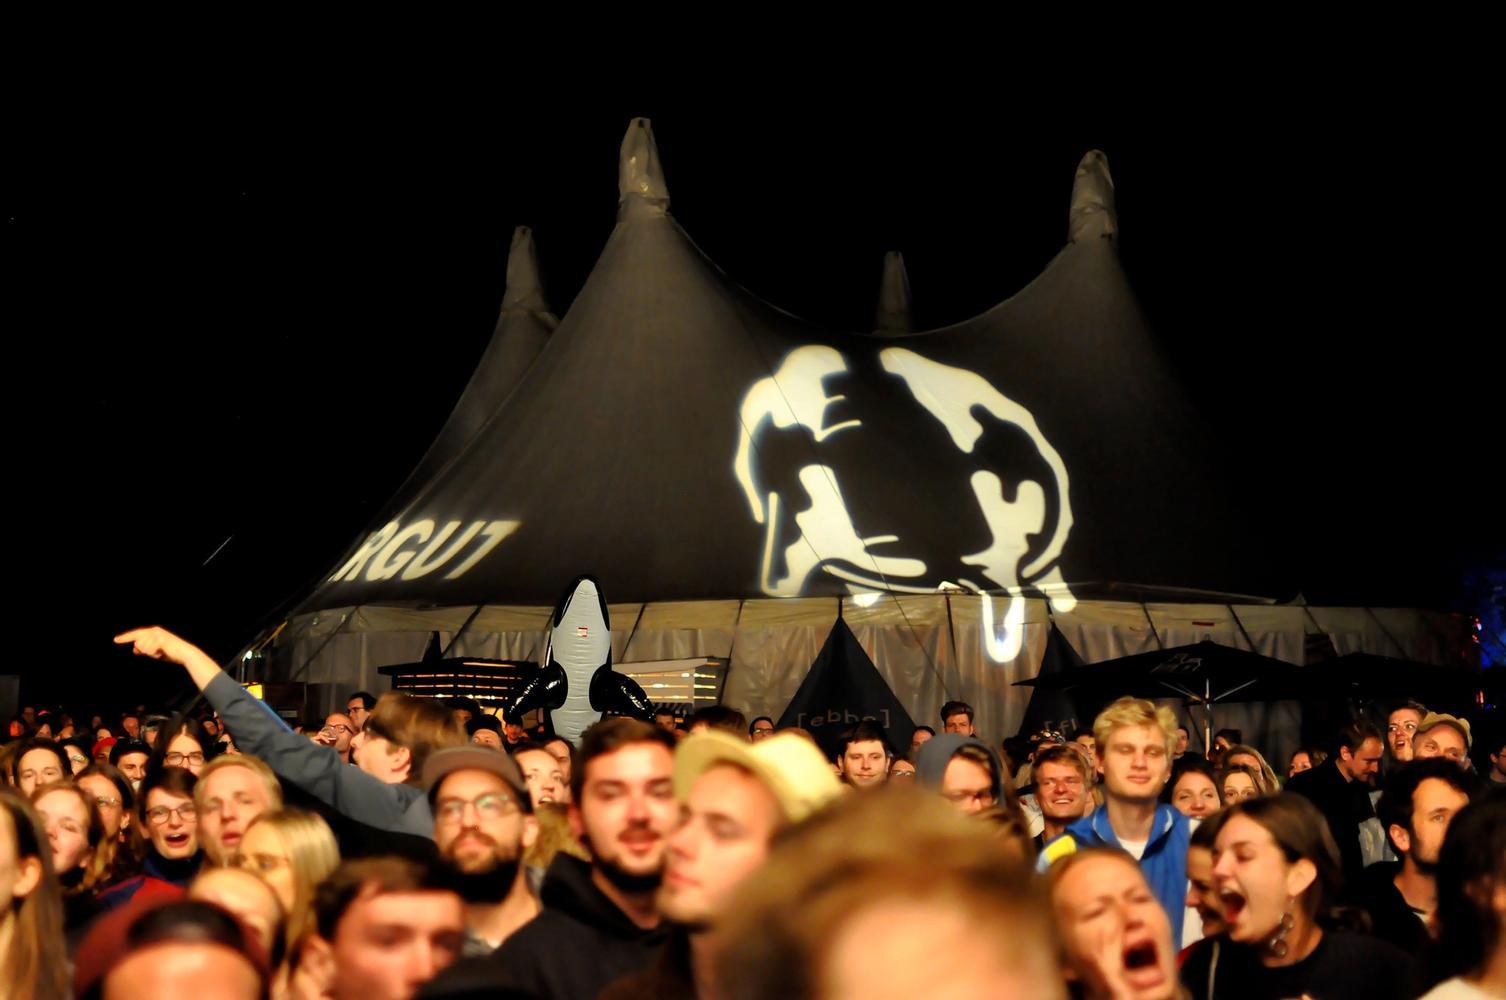 Euter auf der Zeltbühne, davor tanzende Menge vor der Waldbühne